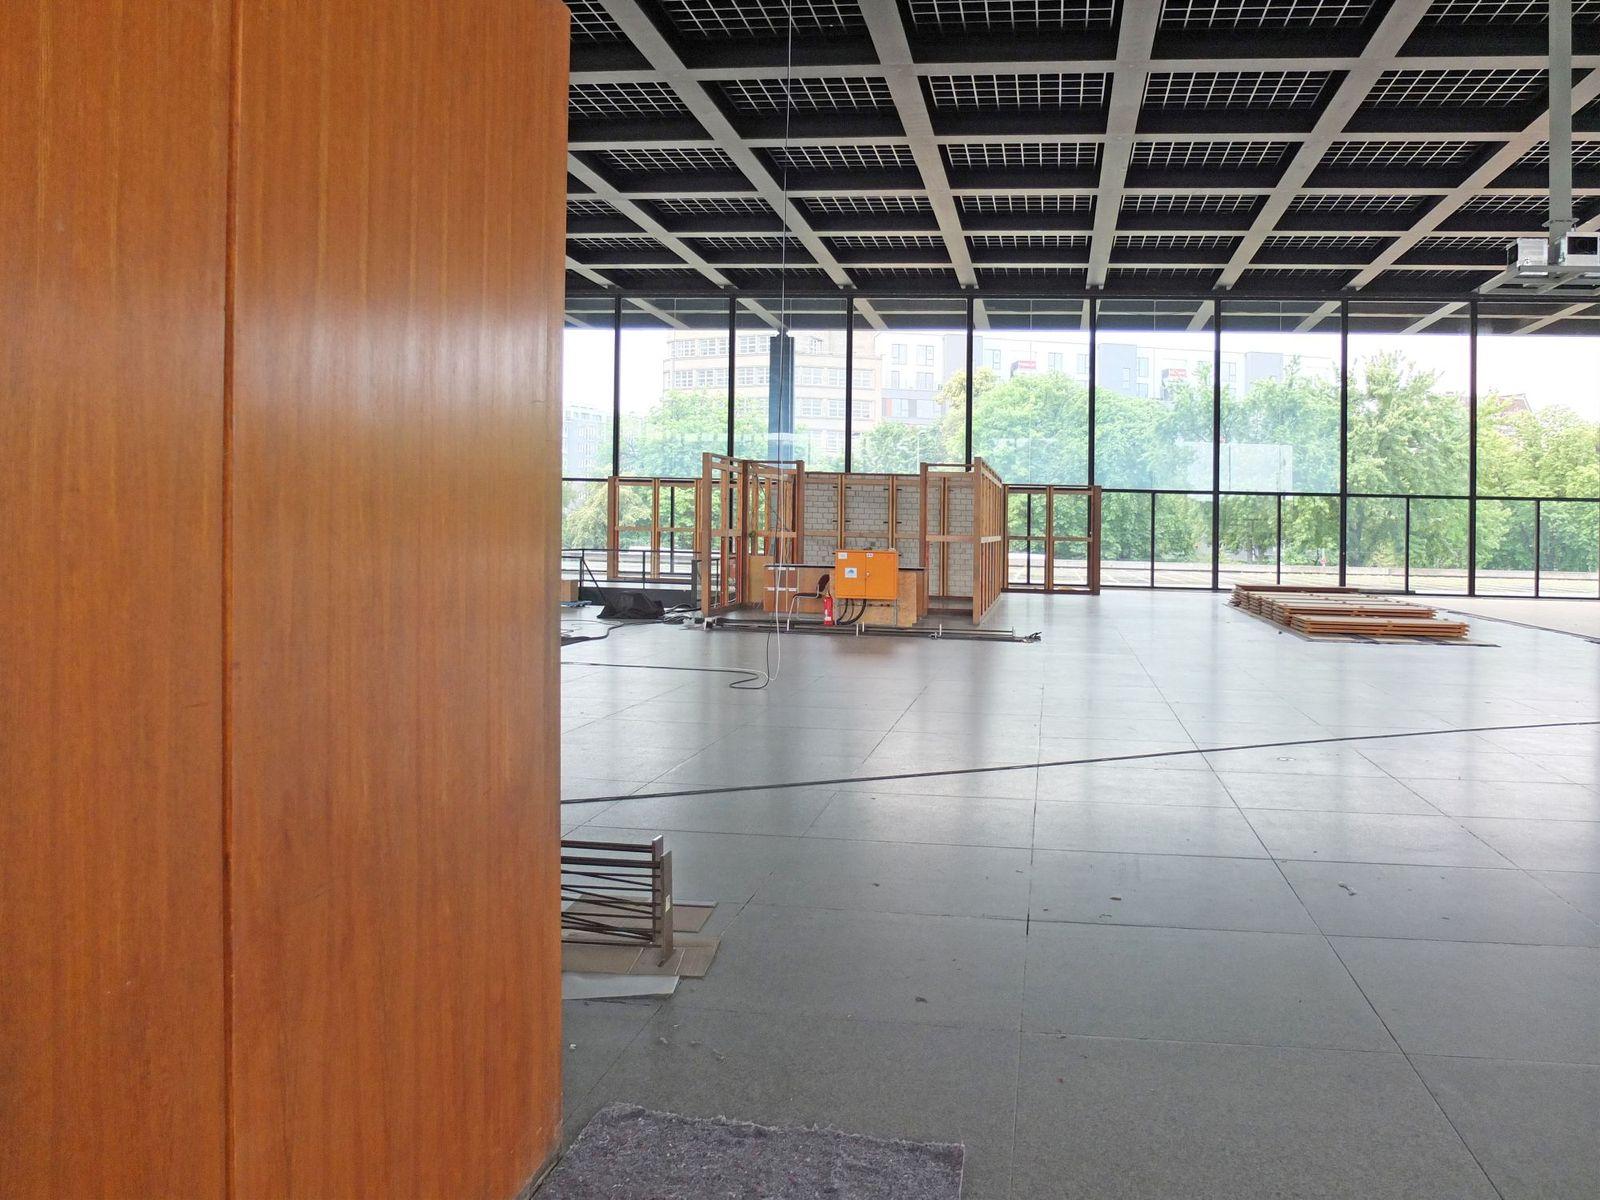 Die Holzoberfläche der Garderobe. Im Bildhintergrund liegen die Paneele demontiert und gestapelt auf dem Boden. Foto: schmedding.vonmarlin.